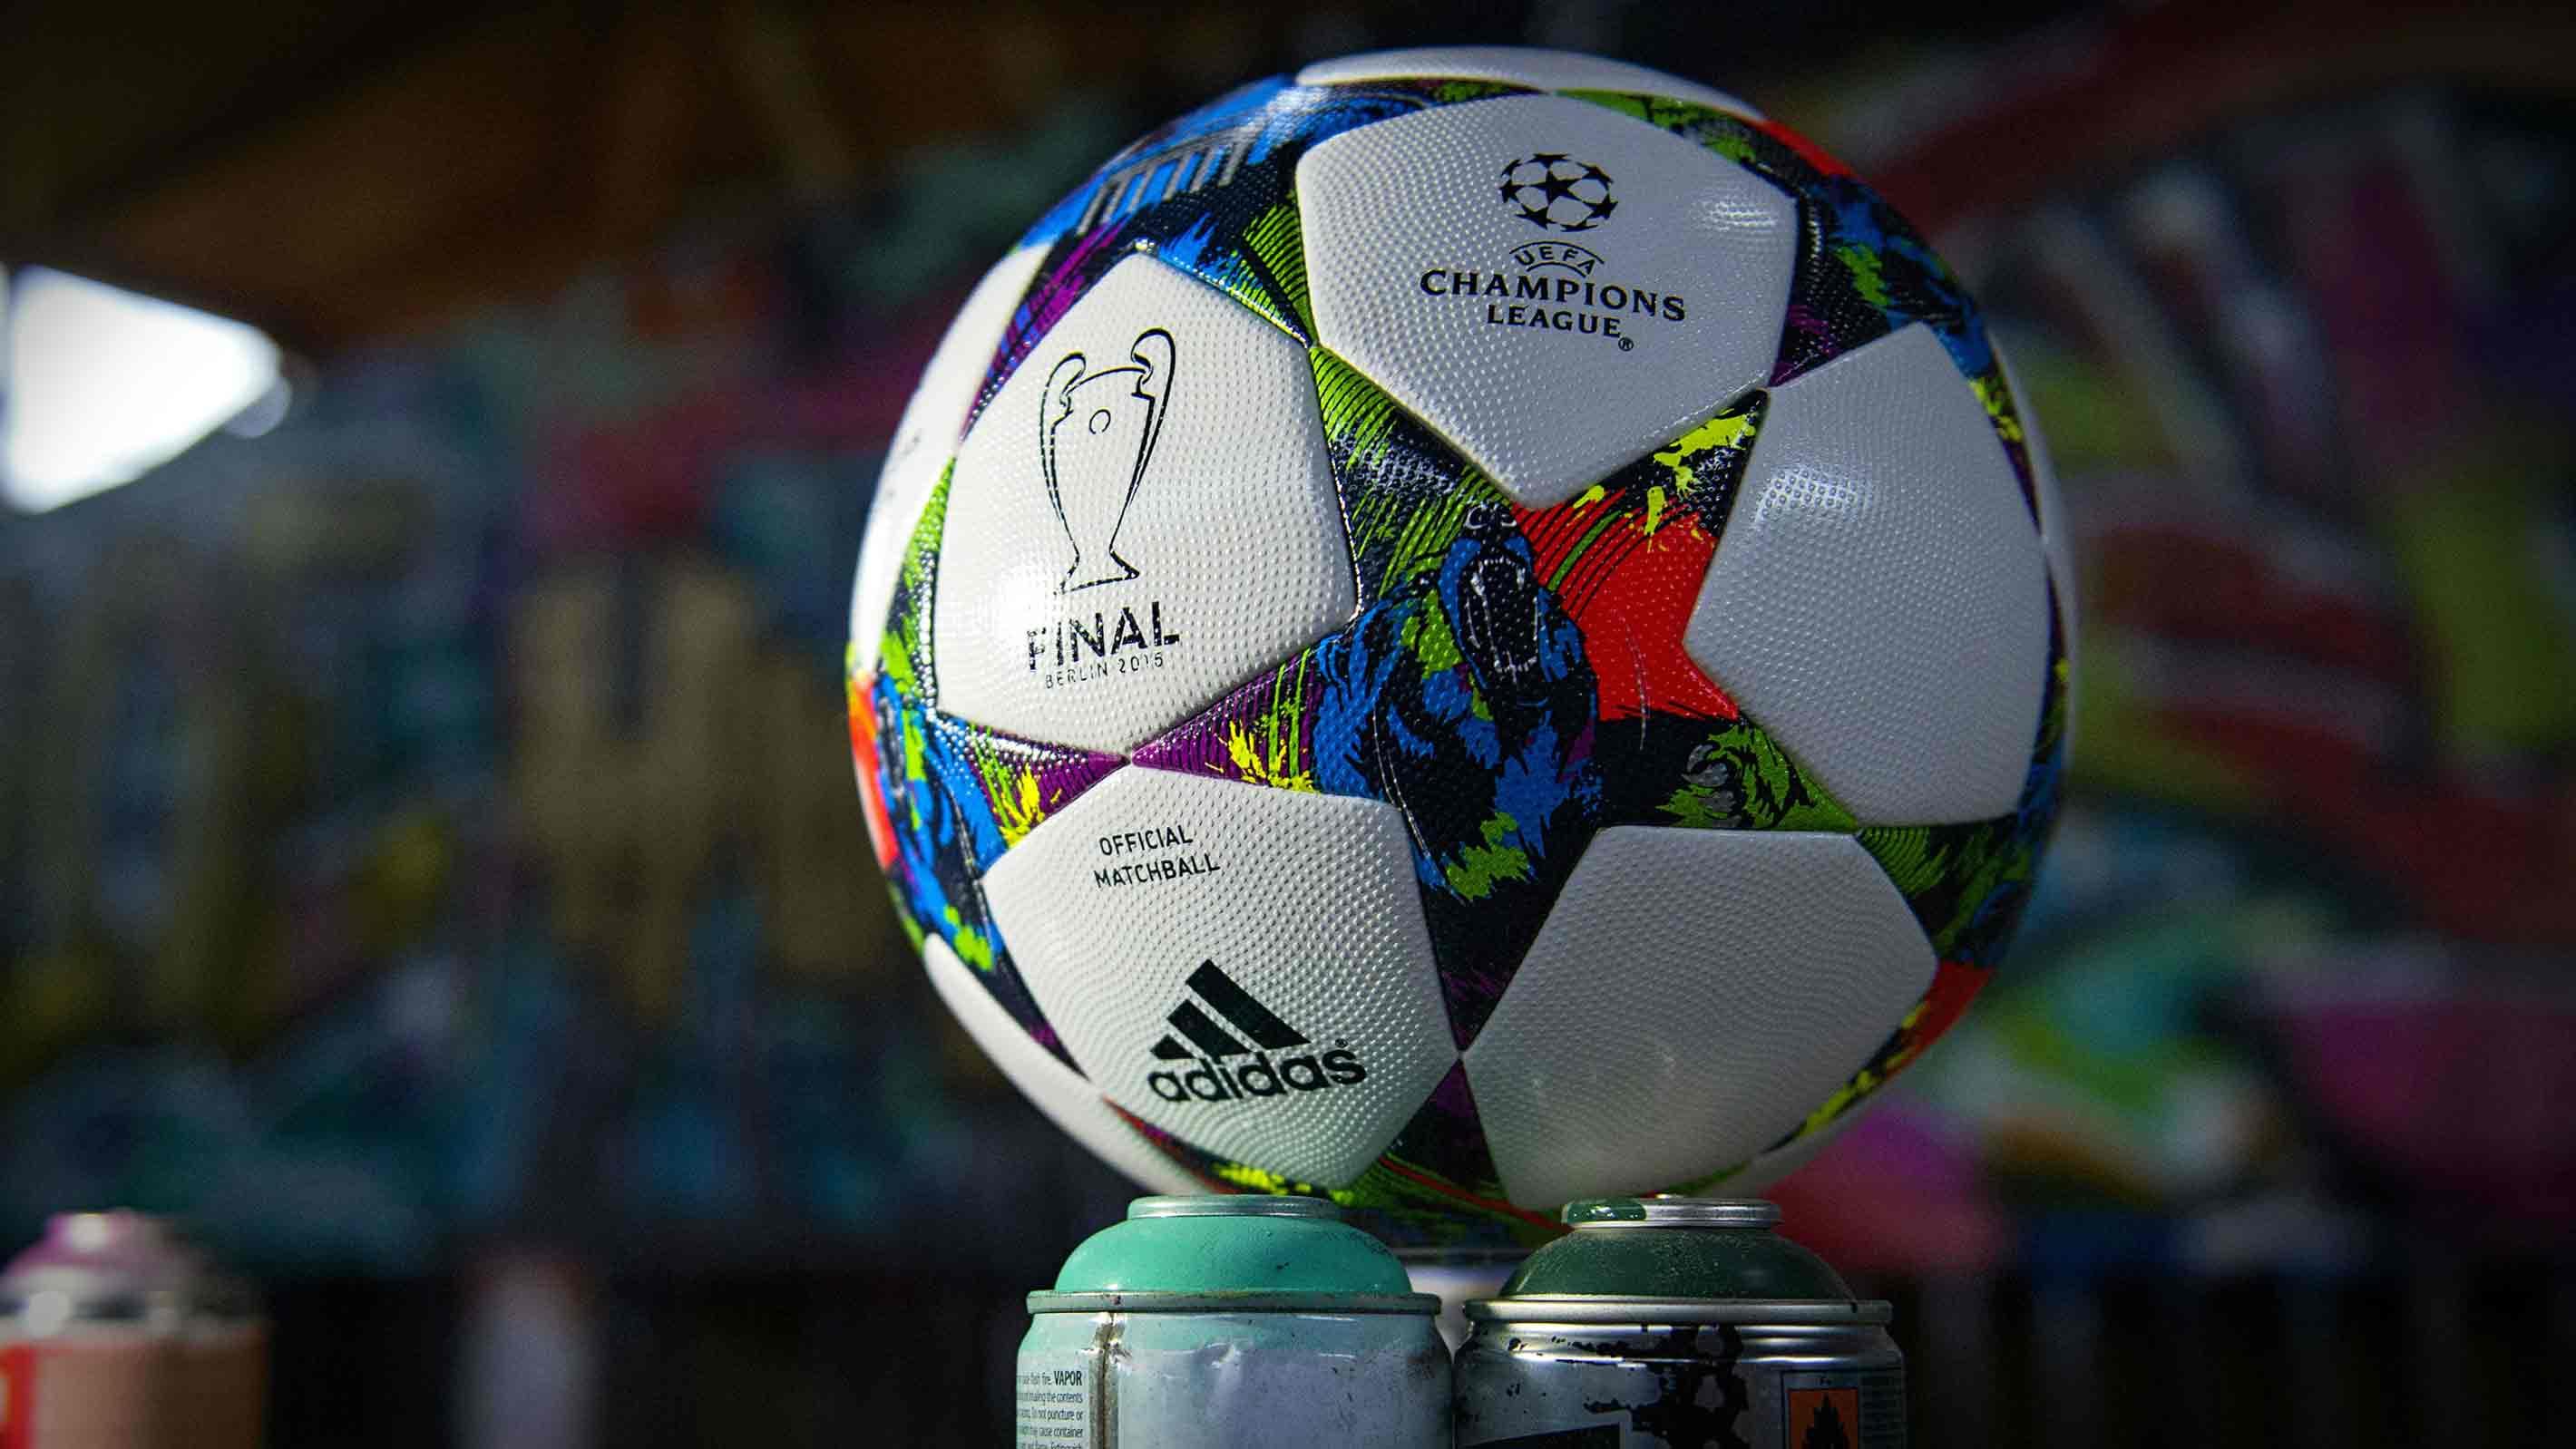 жеребьевка лиги чемпионов Hd: Официальный мяч финала Лиги Чемпионов 2015 года